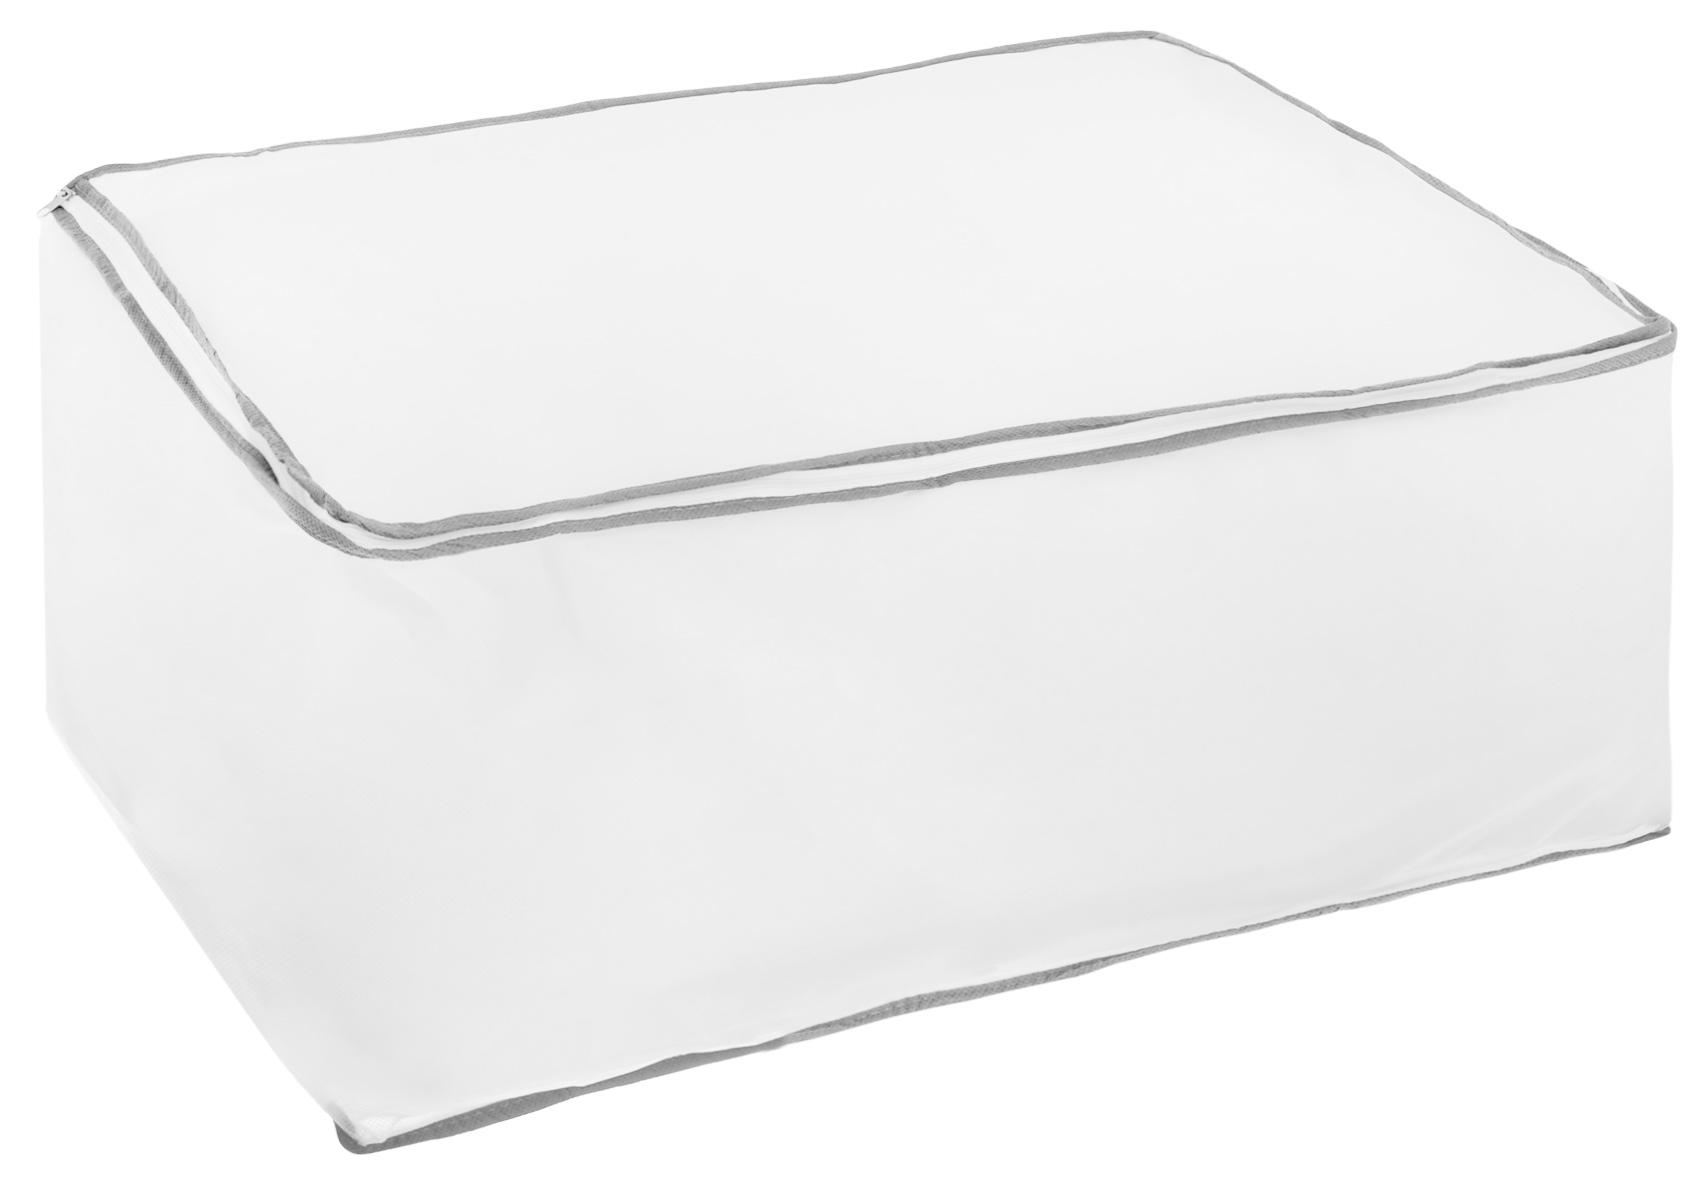 Кофр для хранения Hausmann, цвет: белый, серый, 60 х 40 х 30 см2B-26040Кофр Hausmann, предназначенный для хранения и транспортировки вещей, изготовлен из нетканого материала высокого качества. Особая фактура ткани не пропускает пыль и при этом позволяет воздуху свободно проникать внутрь, обеспечивая естественную вентиляцию. Материал легок, удобен и не образует складок. Особая конструкция позволяет при необходимости одним движением сложить или разложить чехол.